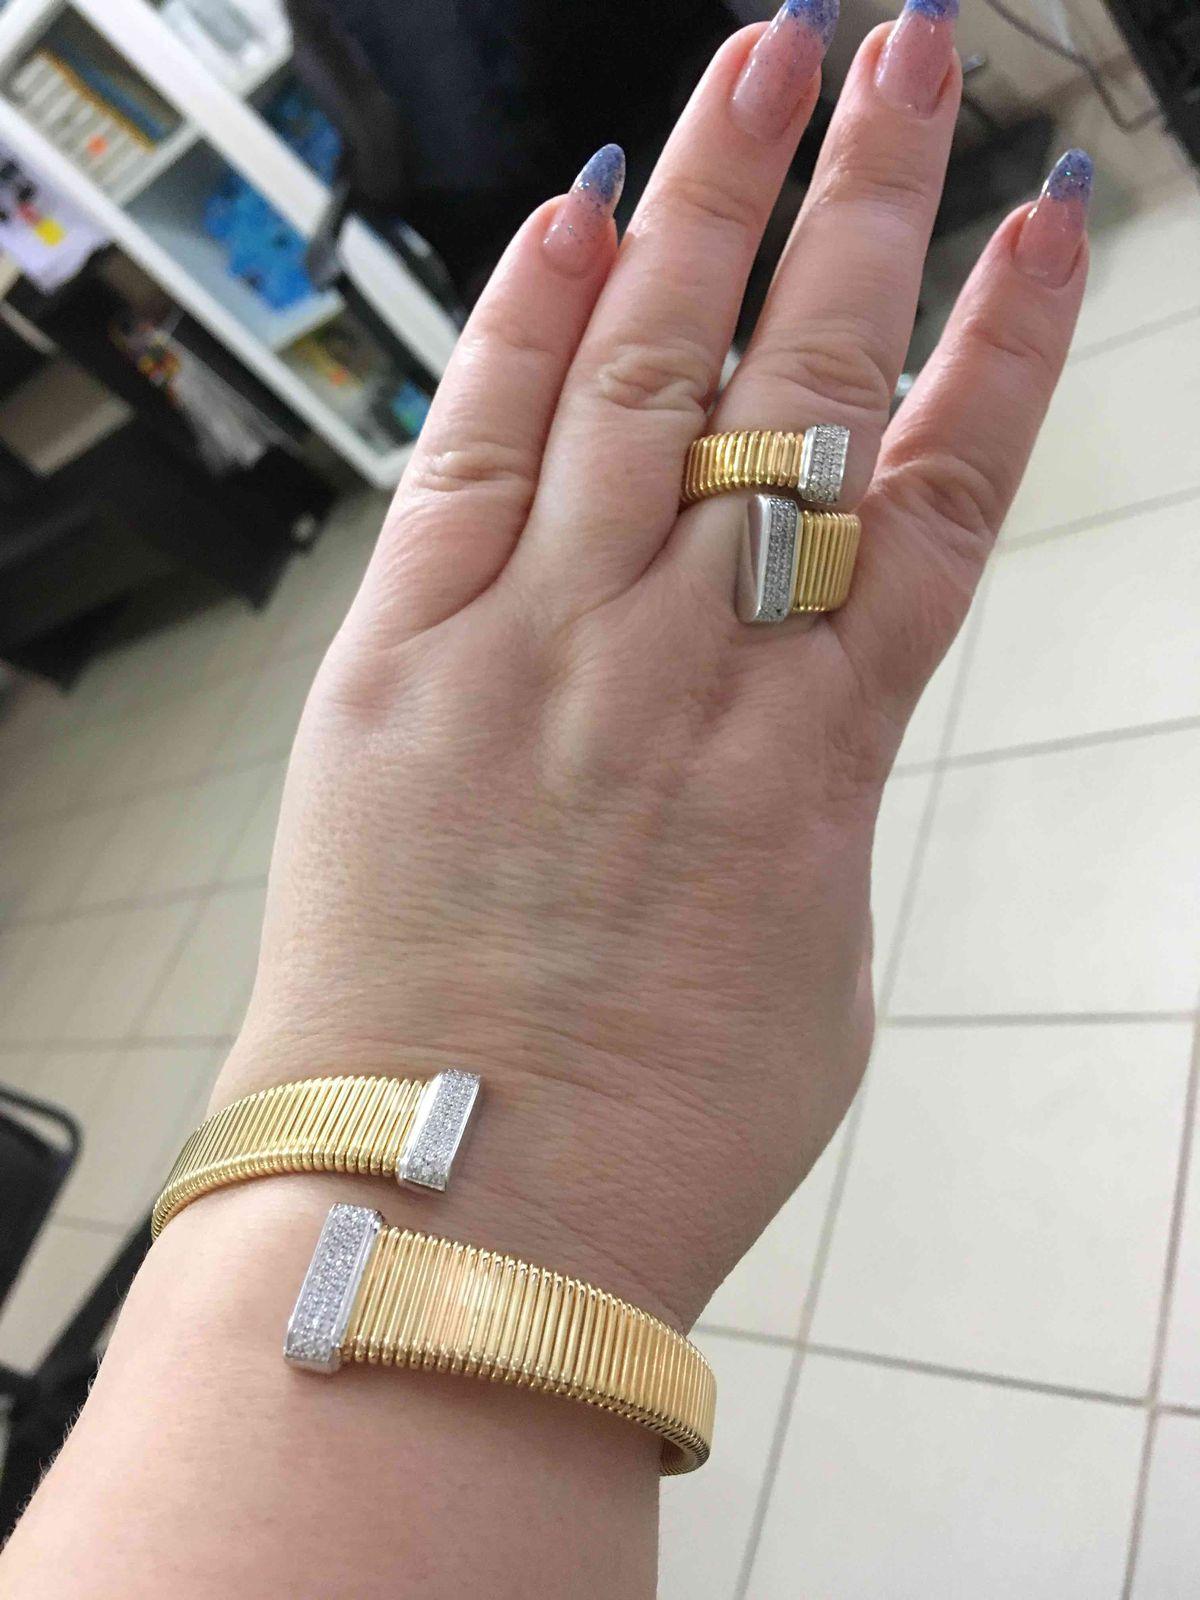 Очень красивый браслет, смотрится как желтое золото, хорошая цена со скидко